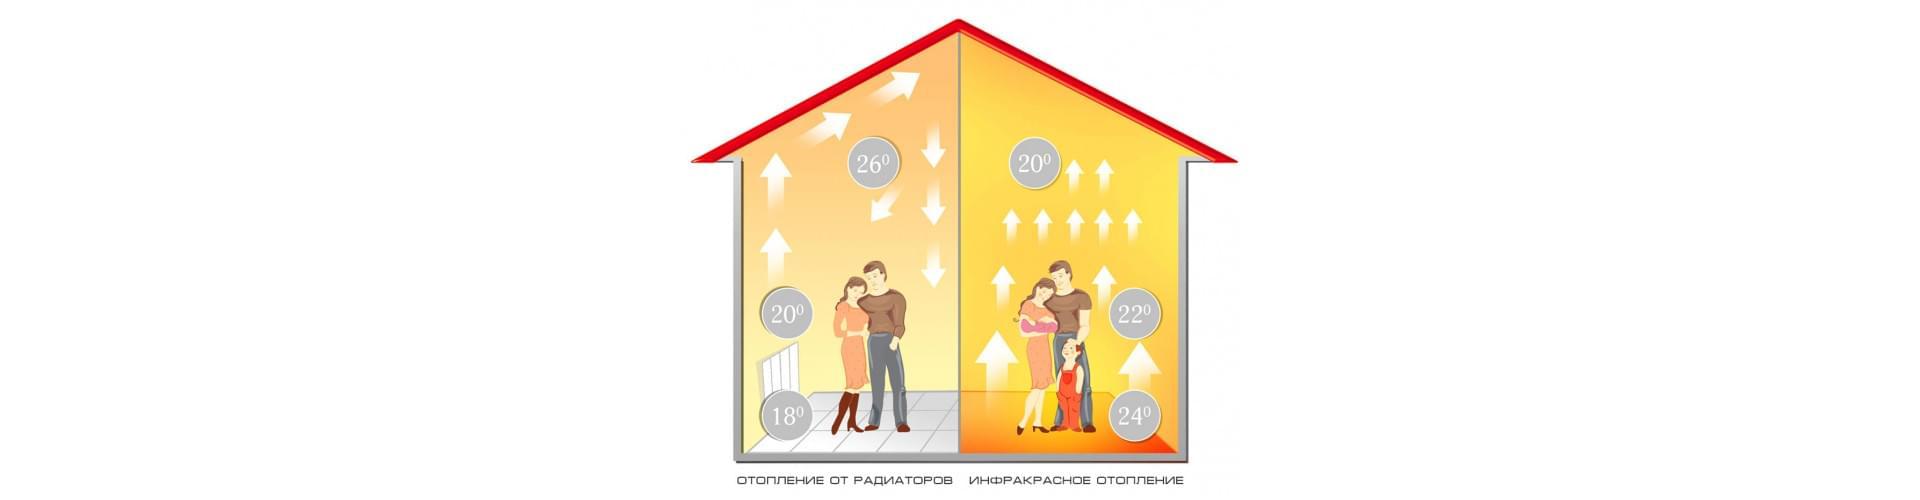 ИК теплый пол: преимущества и принцип работы.